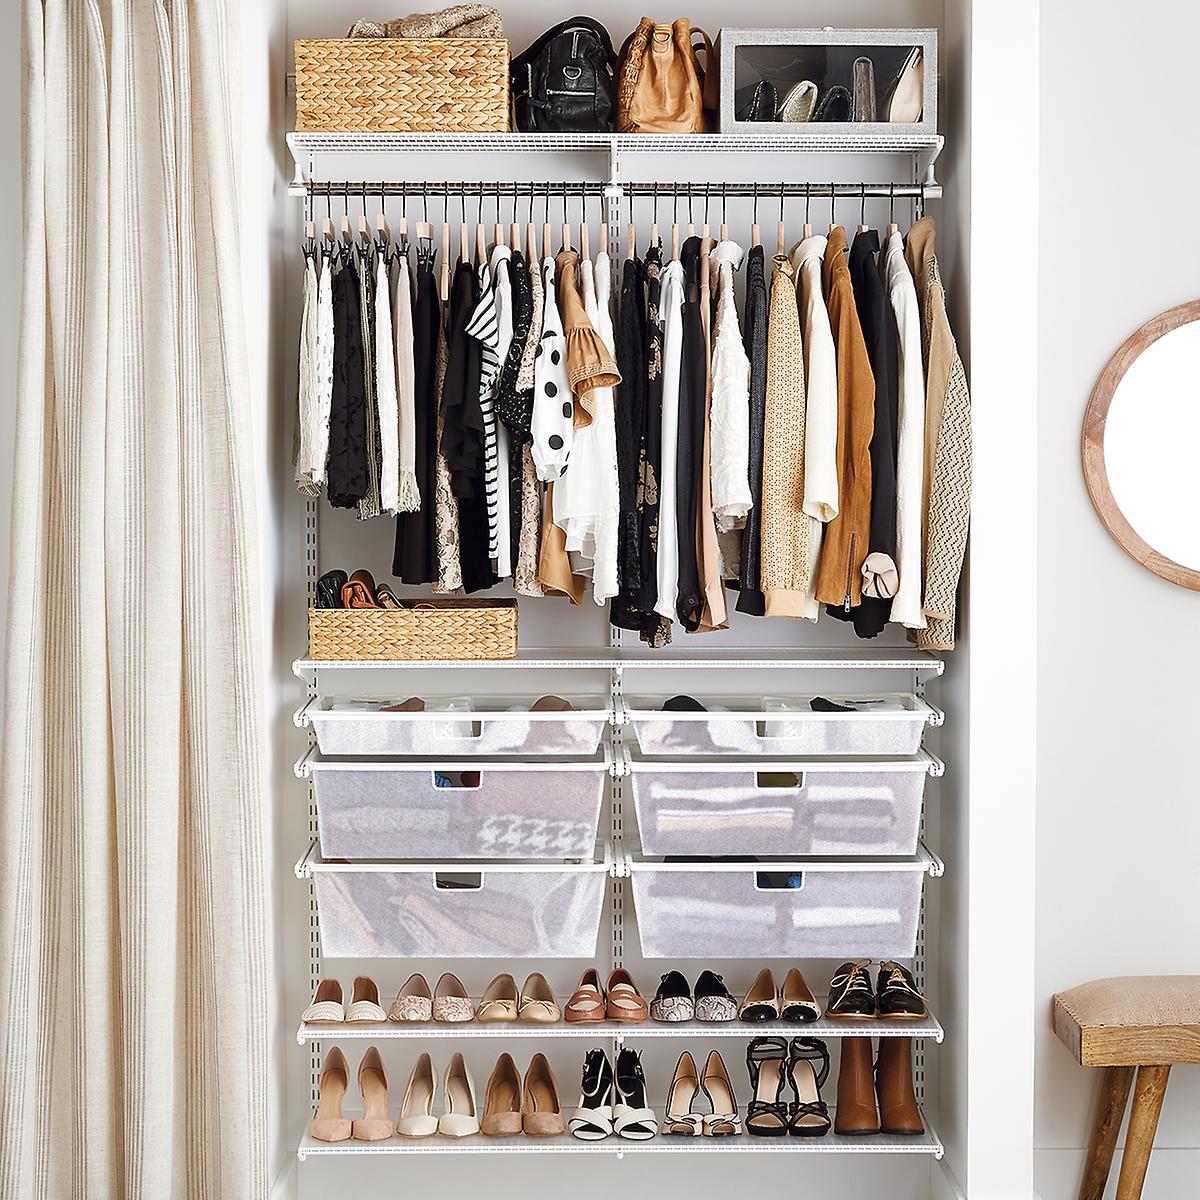 Elfa Classic White Reach-In Closet